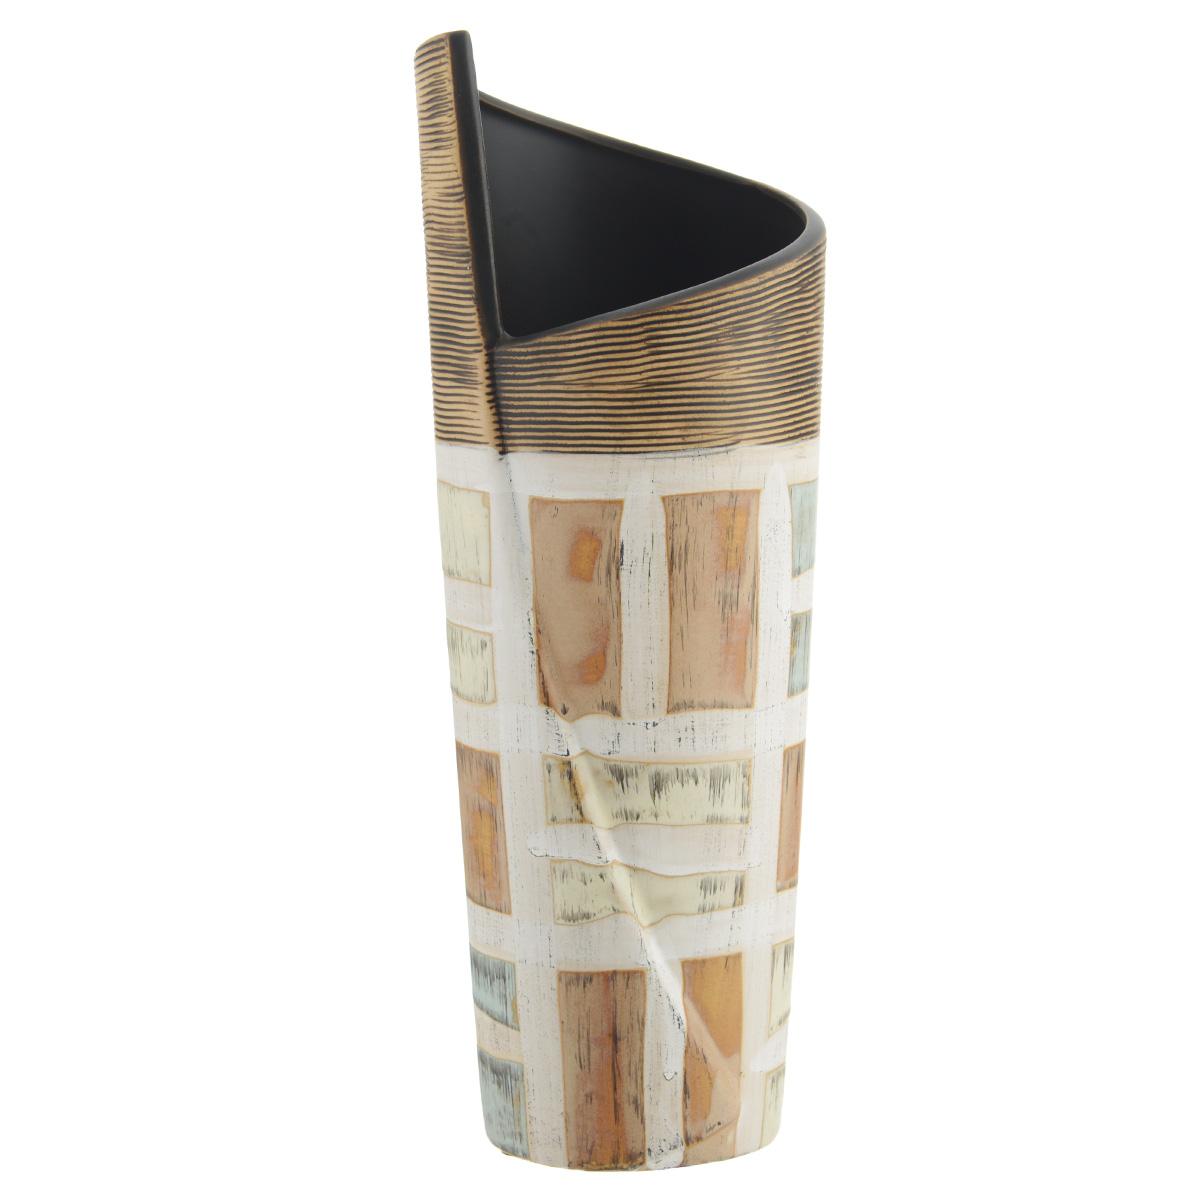 Ваза декоративная Геометрия M, высота 30,5 см8KG31/0/99T41/280Элегантная ваза Геометрия M выполнена из высококачественного глазурованного фаянса и украшена и украшена оригинальным рисунком. Изделие имеет прорезиненные ножки, предотвращающие скольжение ее по поверхности. Оригинальная ваза Геометрия M придется по вкусу и ценителям классики, и тем, кто предпочитает утонченность и изящность. Вы можете поставить вазу в любом месте, где она будет удачно смотреться и радовать глаз. Такая ваза подойдет и для цветов, и для декора интерьера. Кроме того - это отличный вариант подарка для ваших близких и друзей. Диаметр вазы (по верхнему краю): 10 см. Высота вазы: 30,5 см.